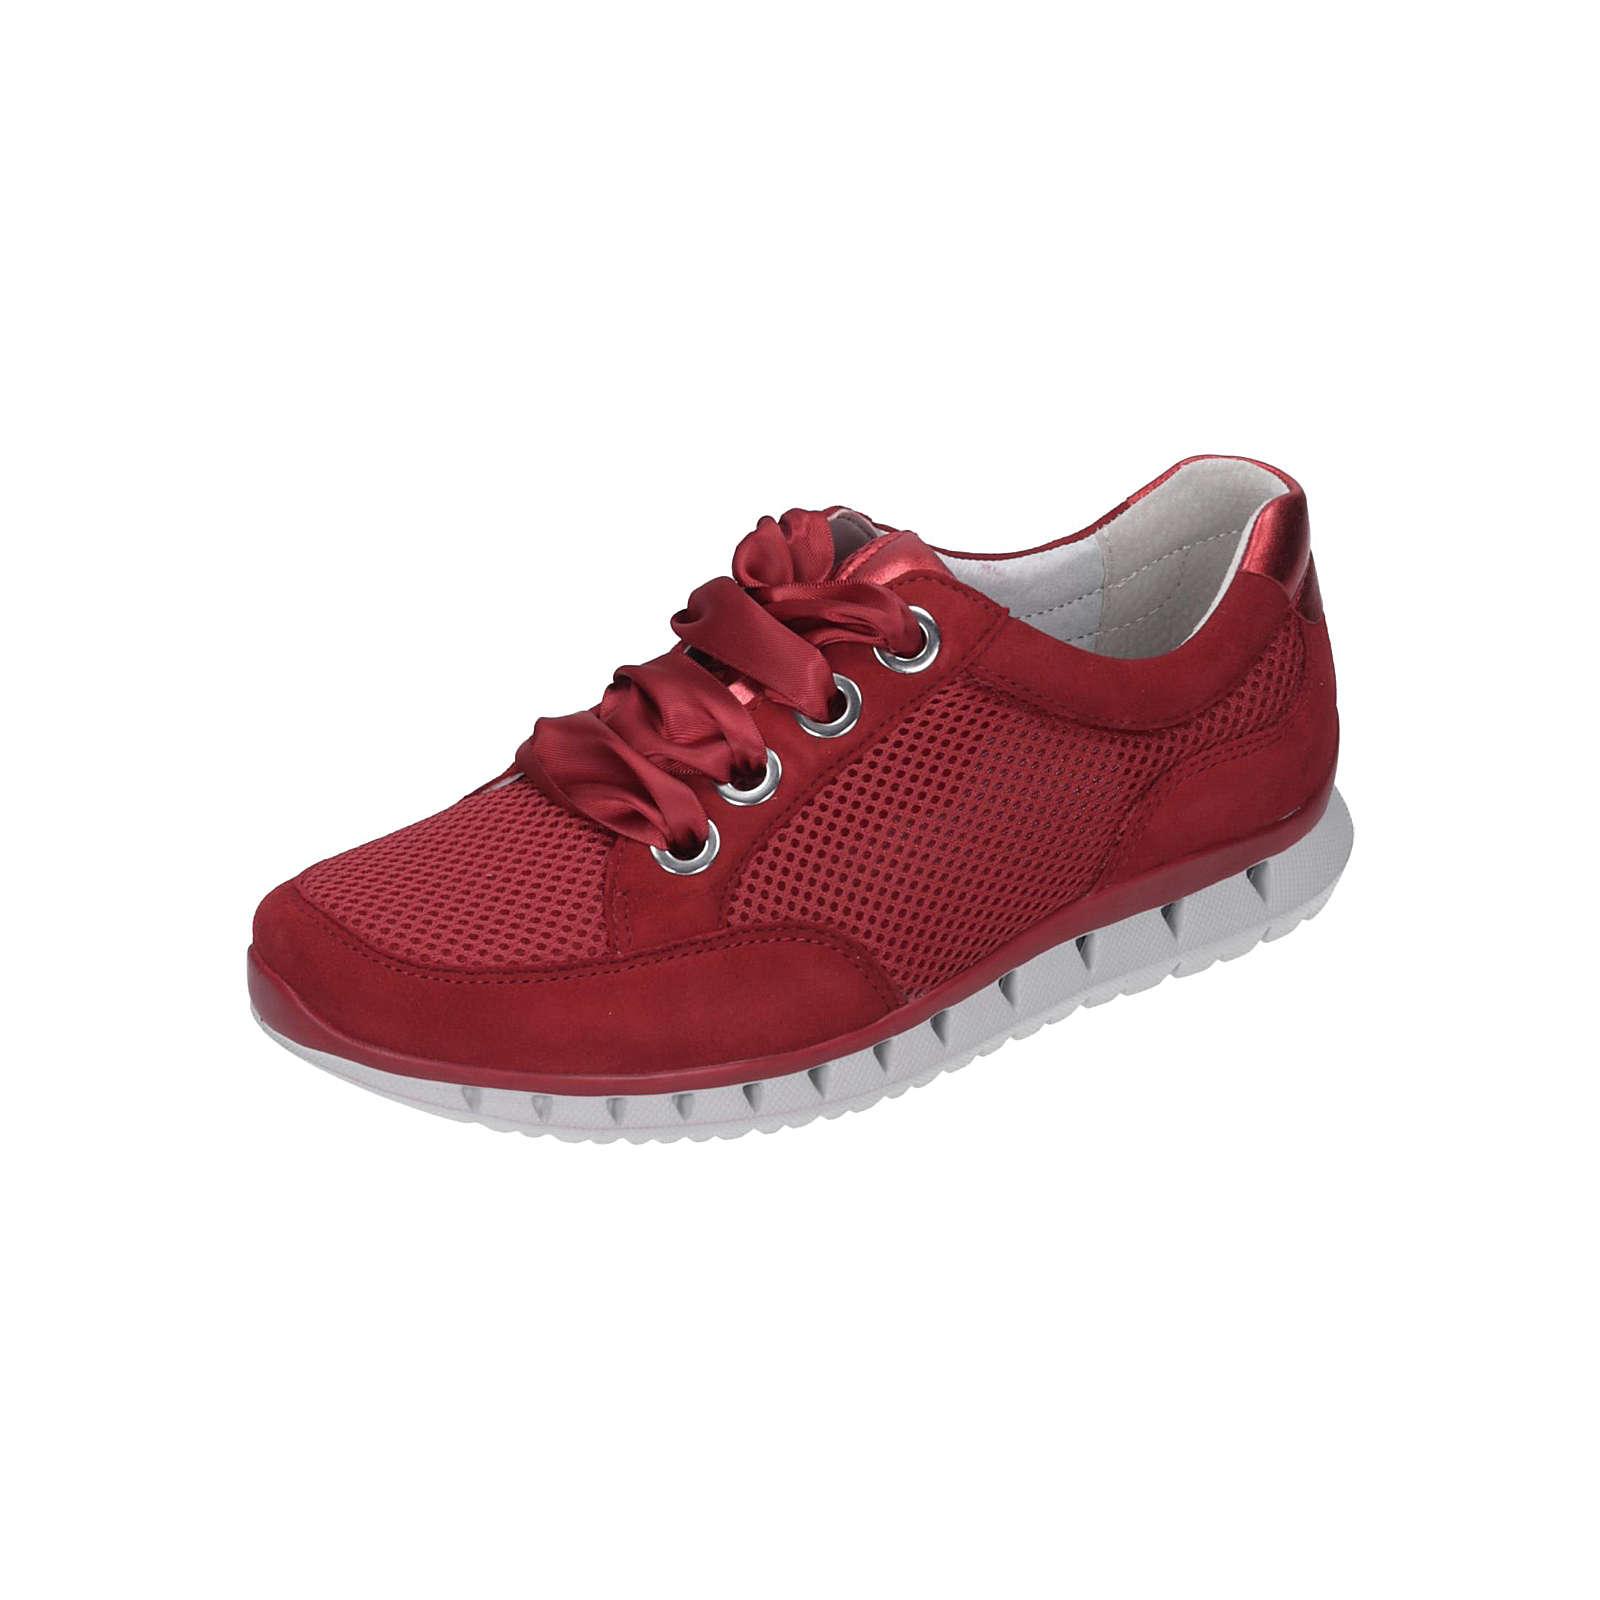 Gabor Damen Sneaker Sneakers Low rot Damen Gr. 40 2/3